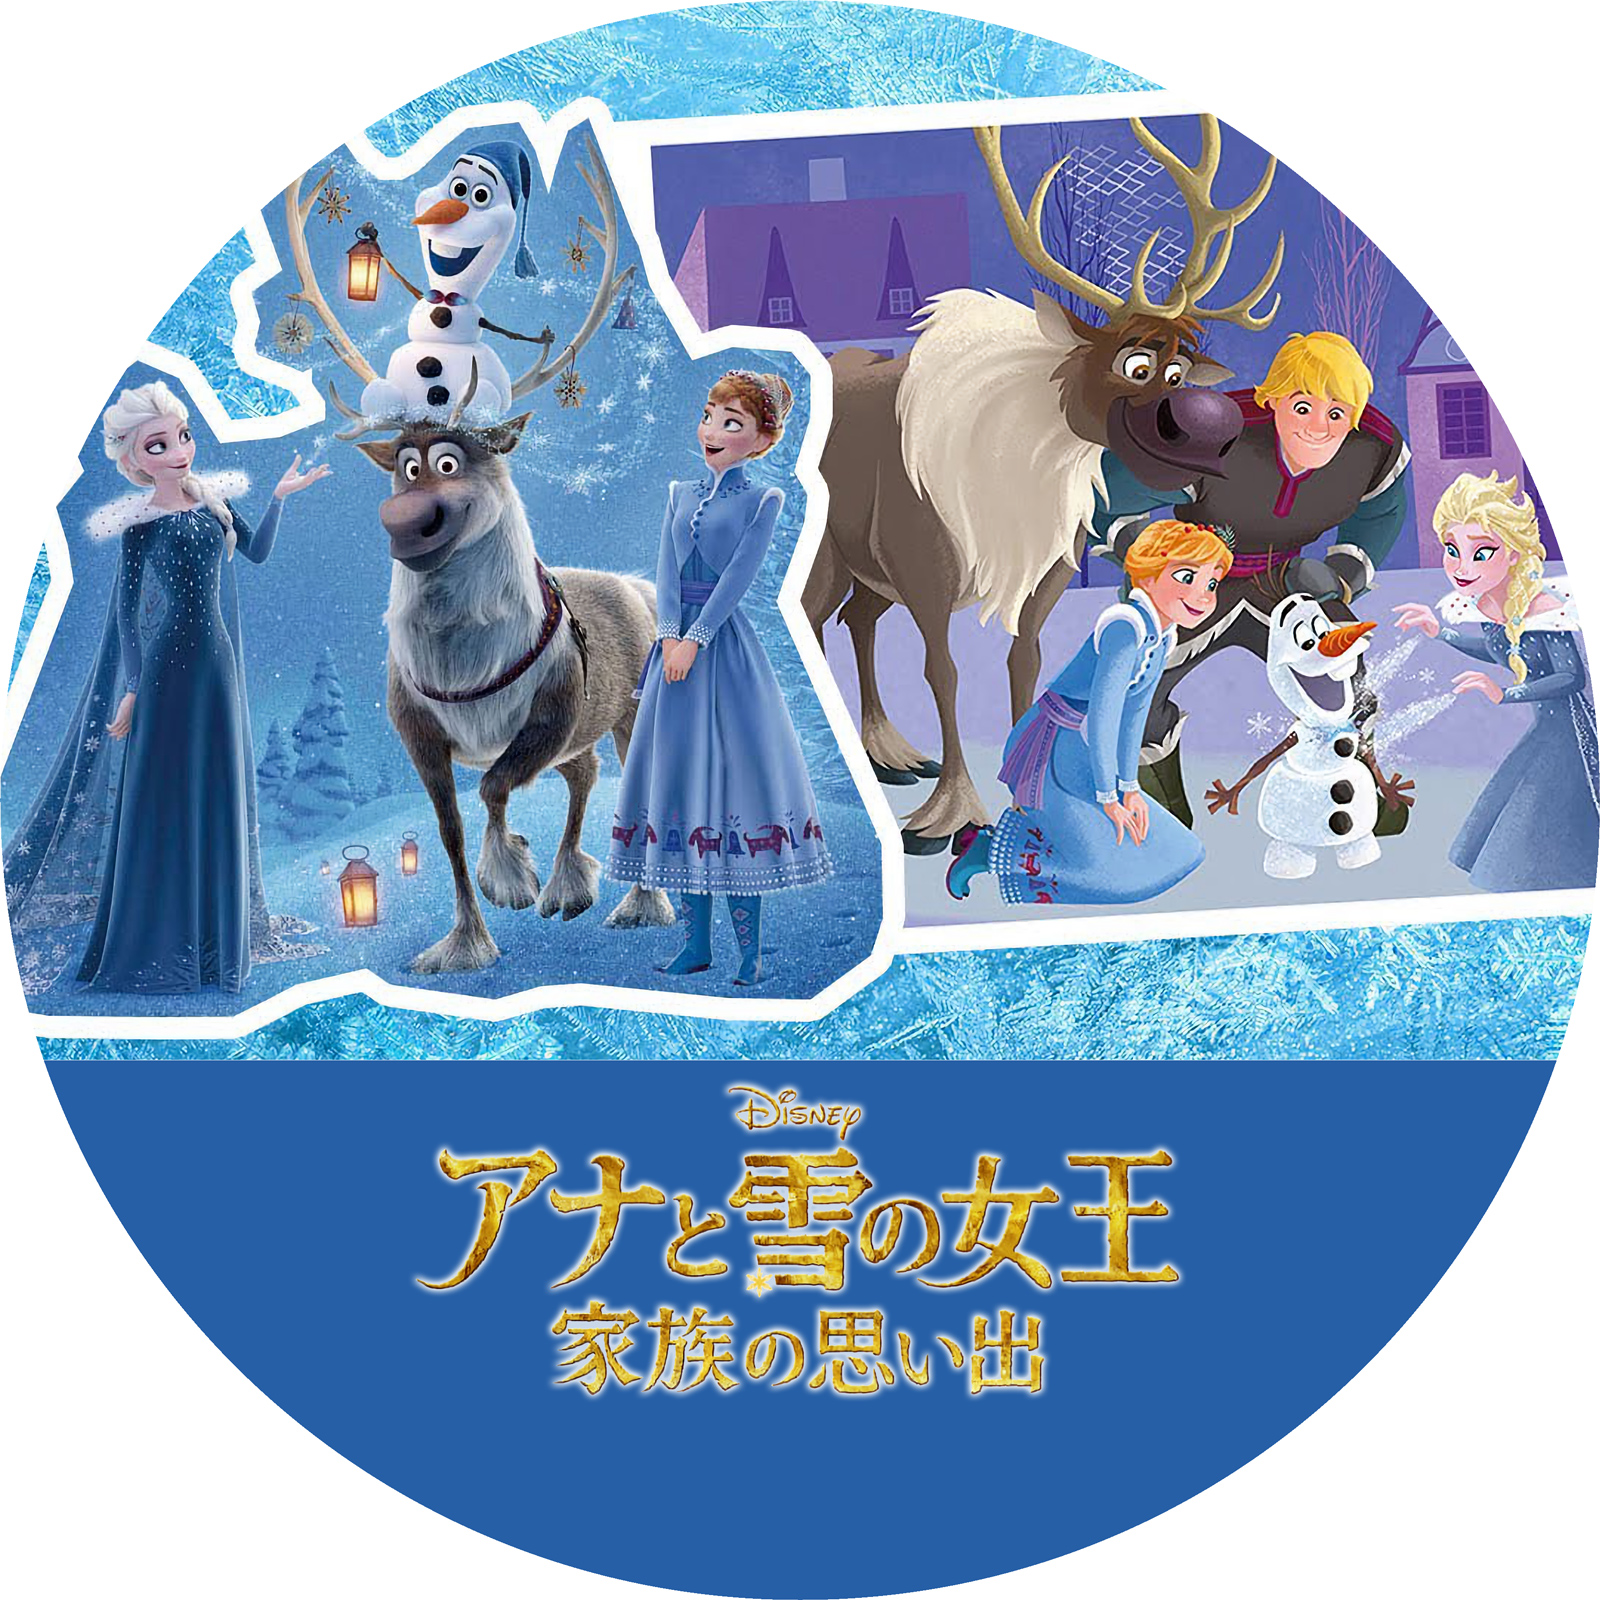 アナと雪の女王/家族の思い出 ブルーレイ+DVDセット : Disney | HMV&BOOKS online ...